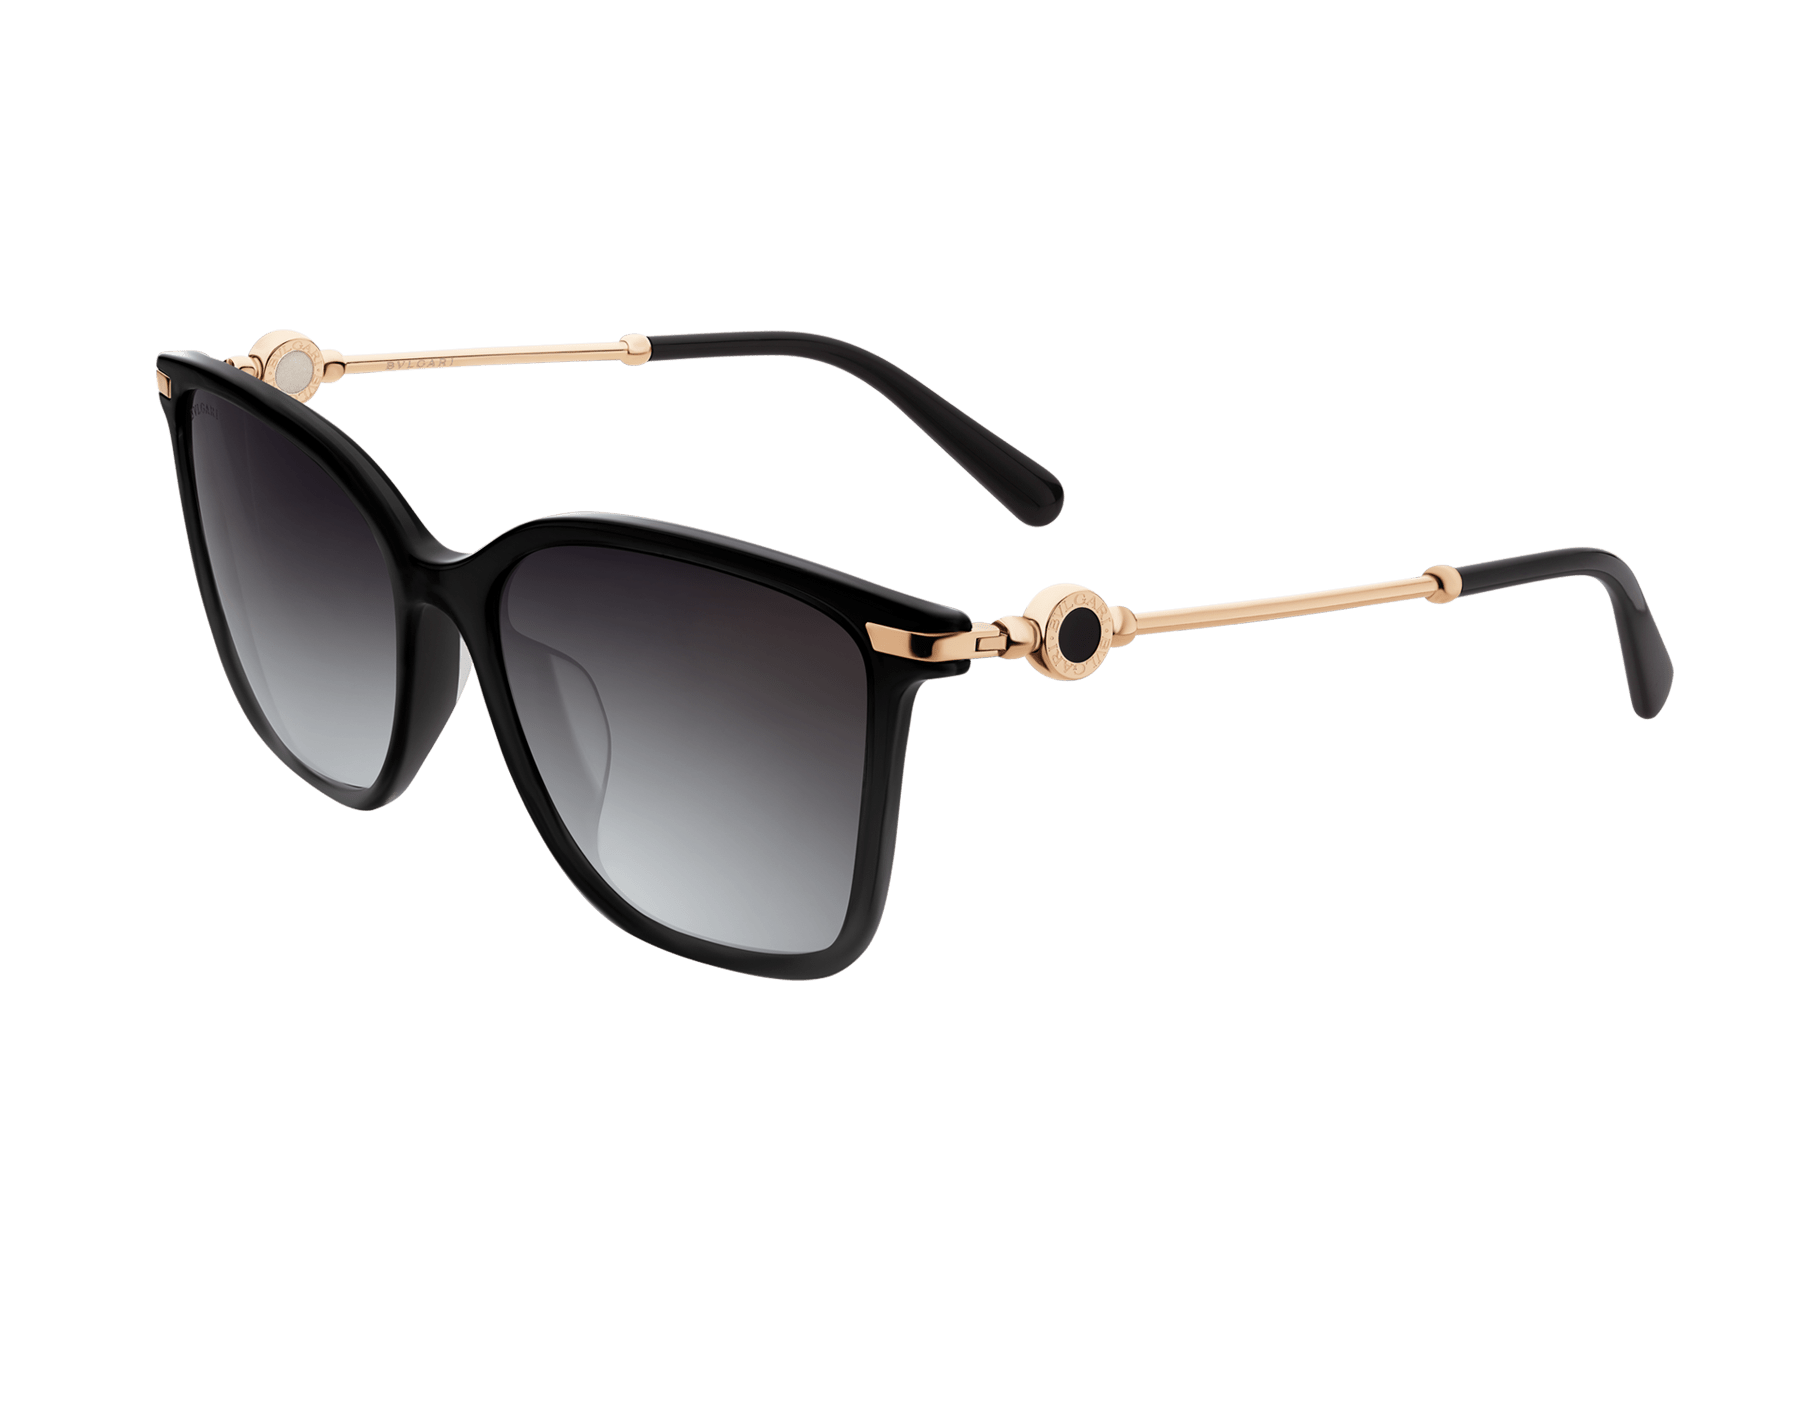 BVLGARI BVLGARI squared acetate sunglasses with metal décor. 903827 image 1